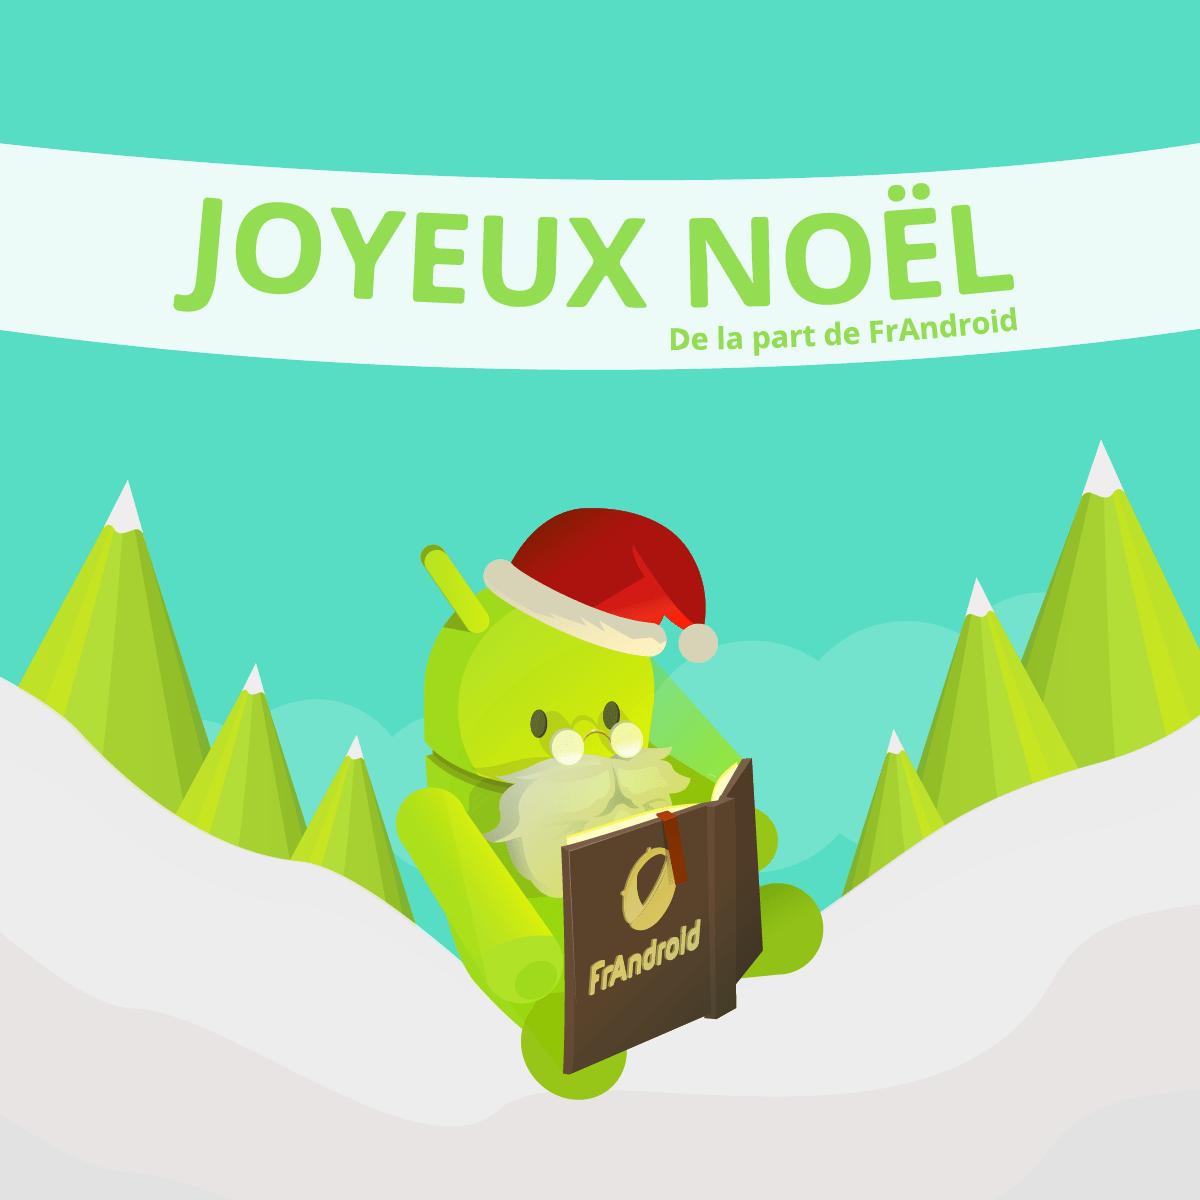 🎄 FrAndroid vous souhaite un Joyeux Noël à tous